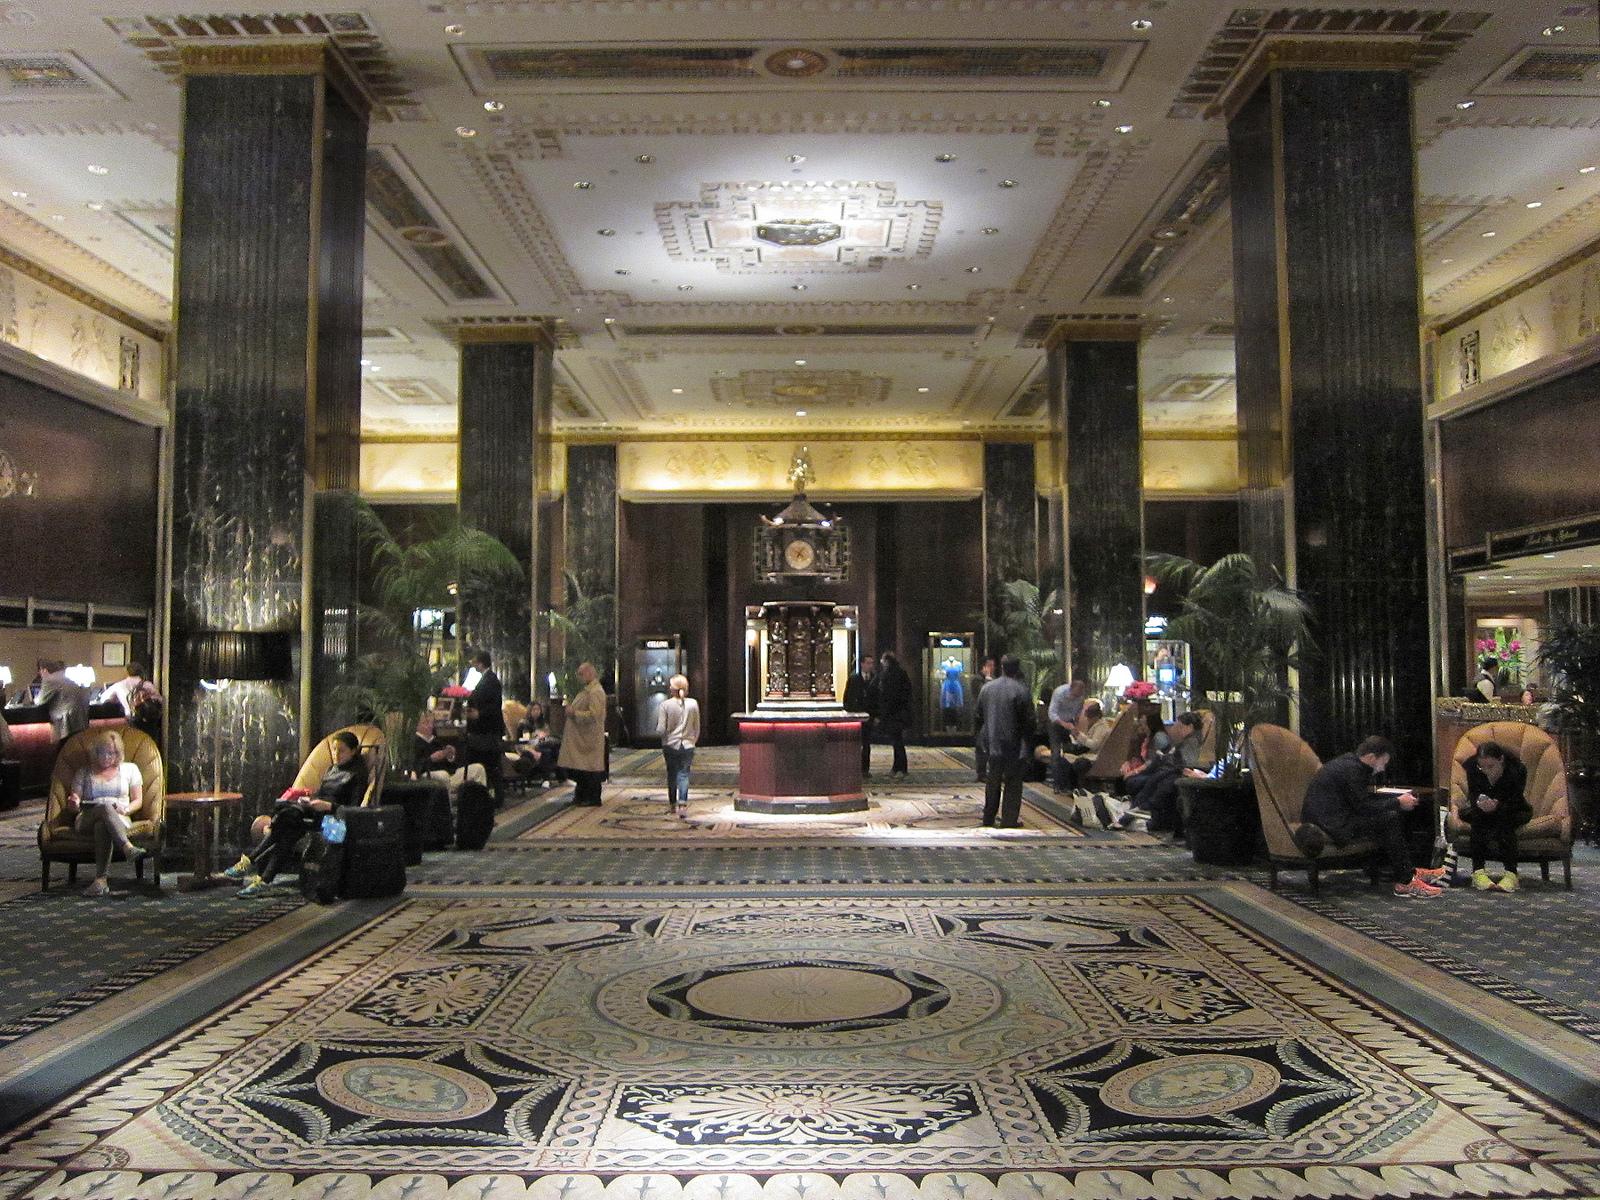 waldorf astoria's art deco interiors one step closer to landmark